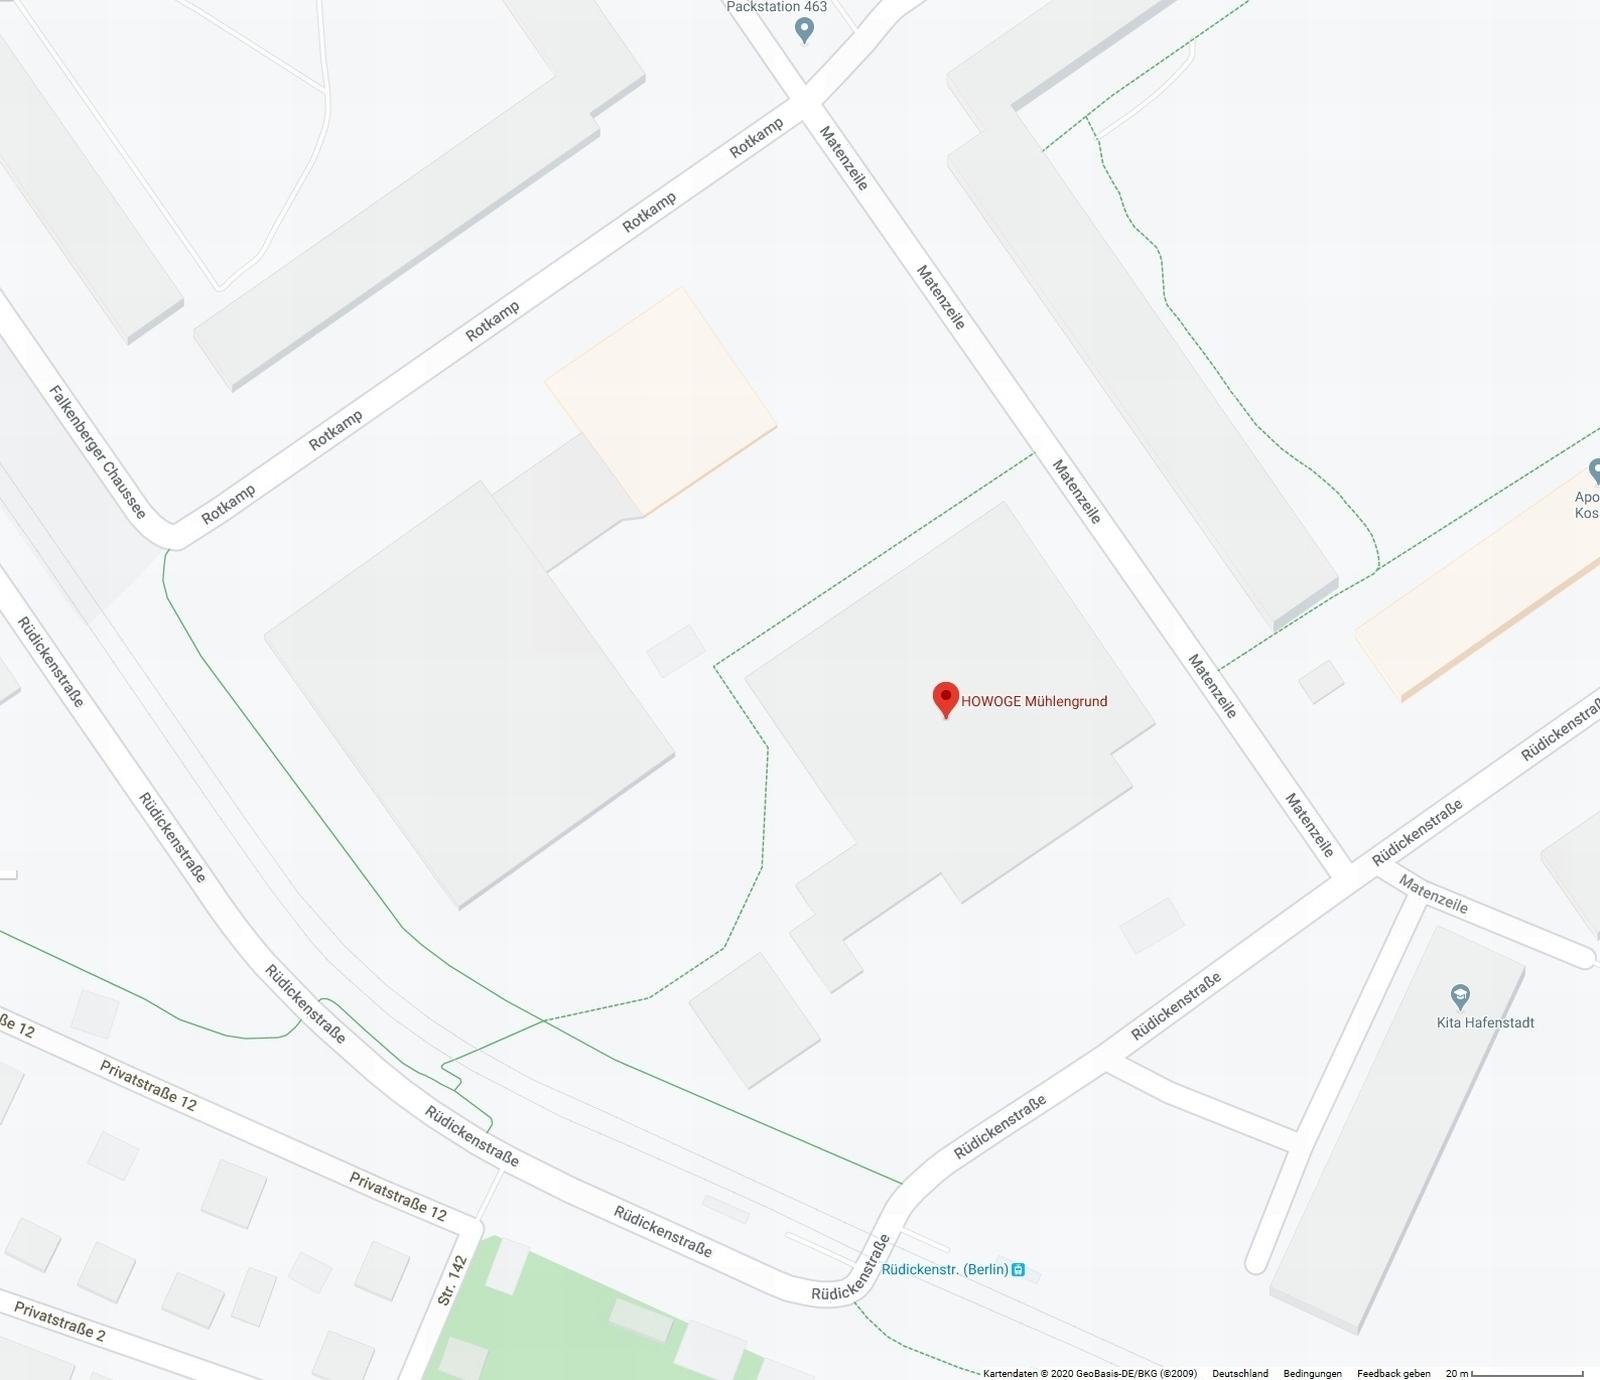 Der Mühlengrund in Google-Maps